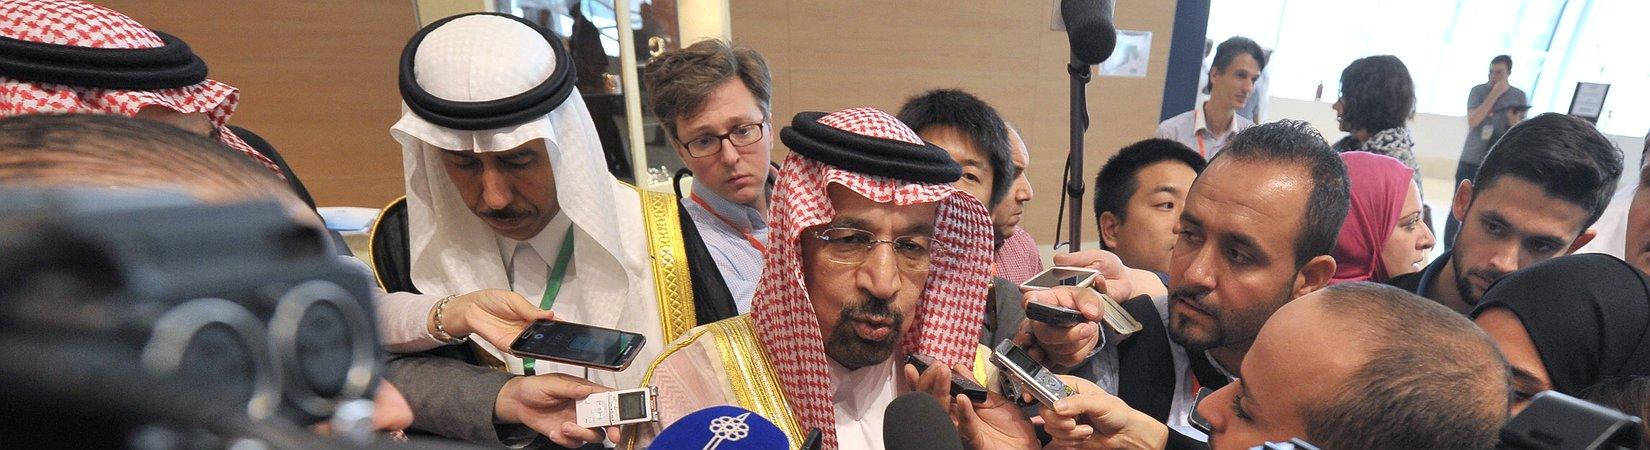 Los países de la OPEP acuerdan recortar la producción de petróleo